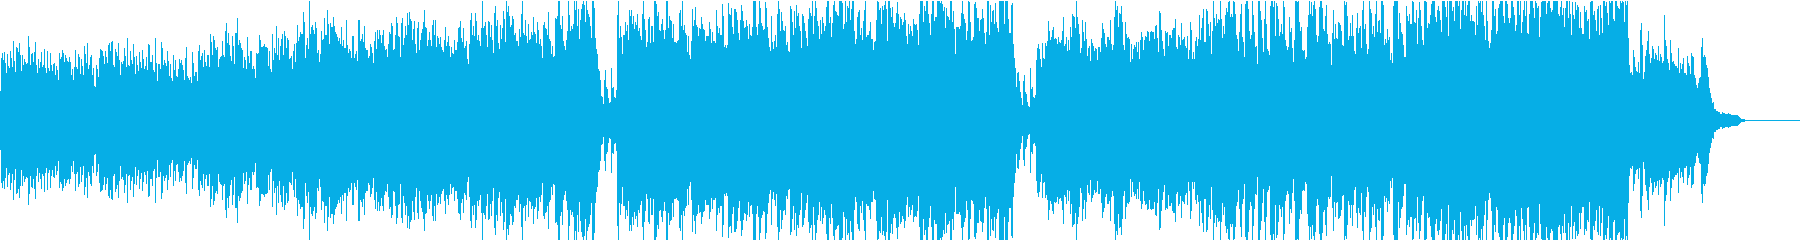 ハリウッド風ピアノ+オケ4 Pf&Strの再生済みの波形